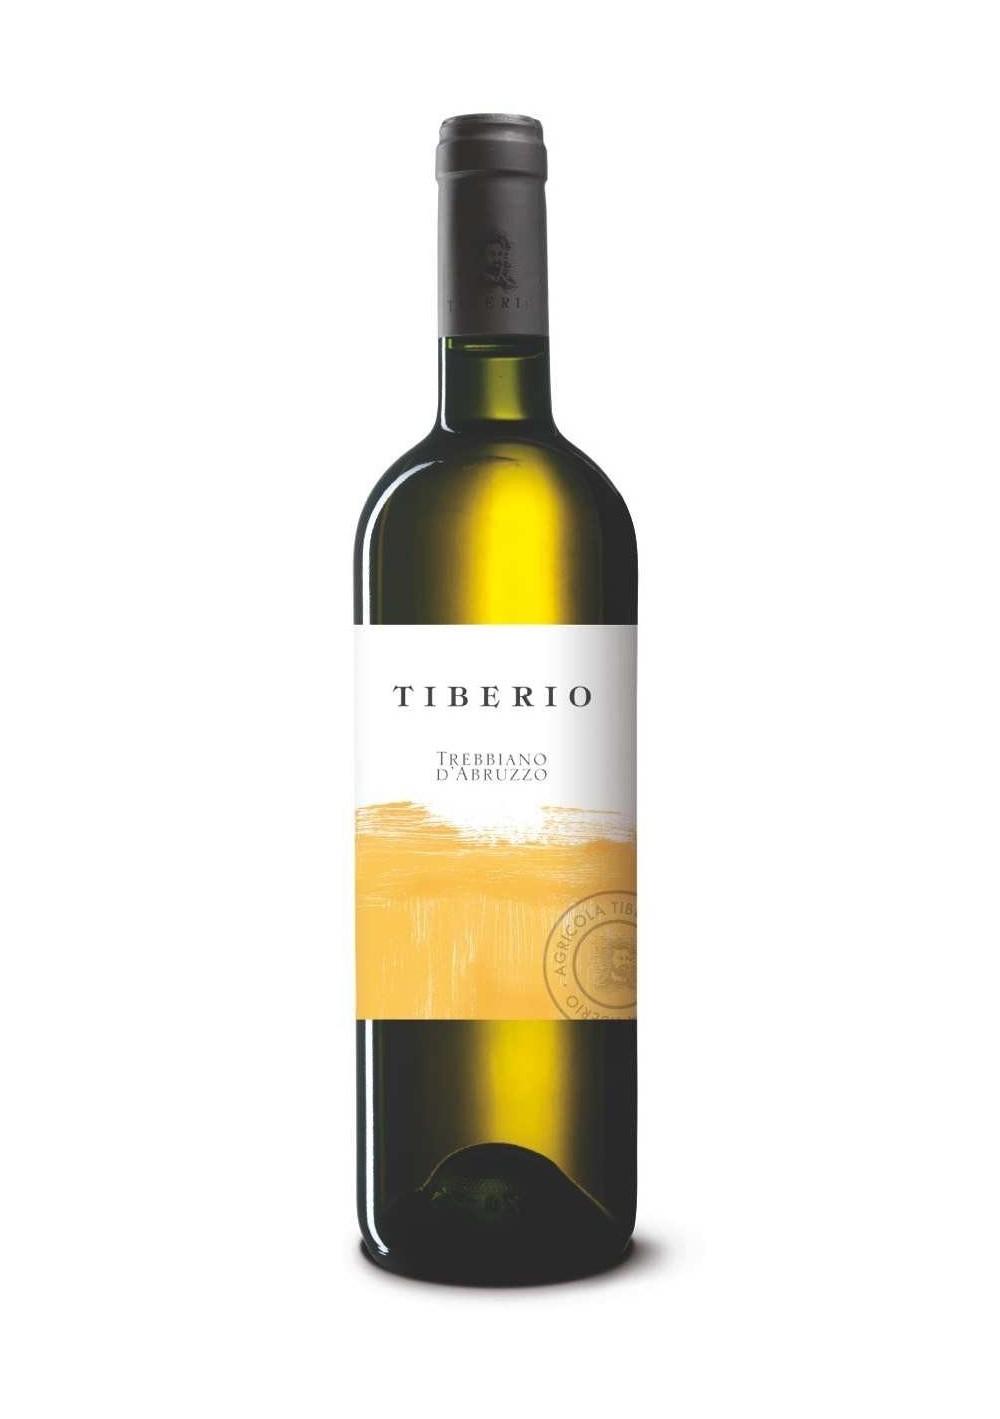 Trebbiano d'Abruzzo DOP 2015 - Tiberio